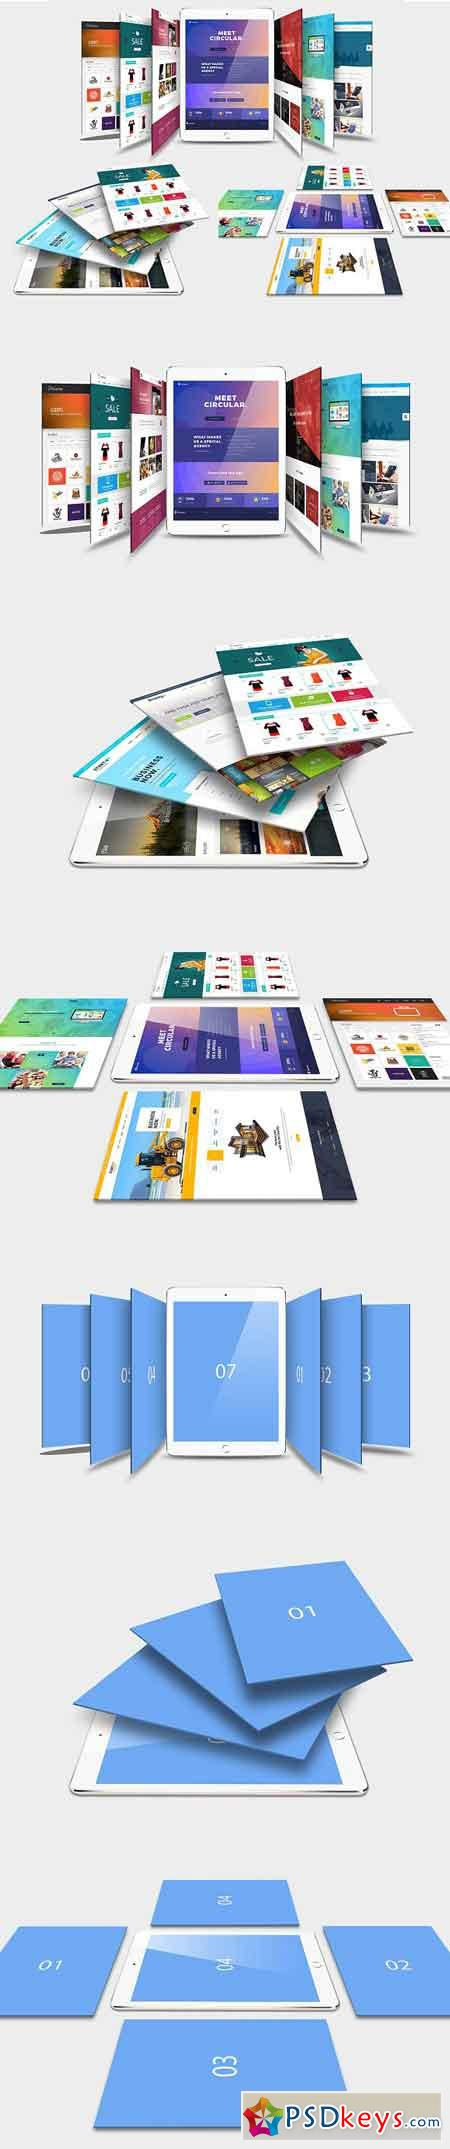 iPad Mock-Up 06 2847466